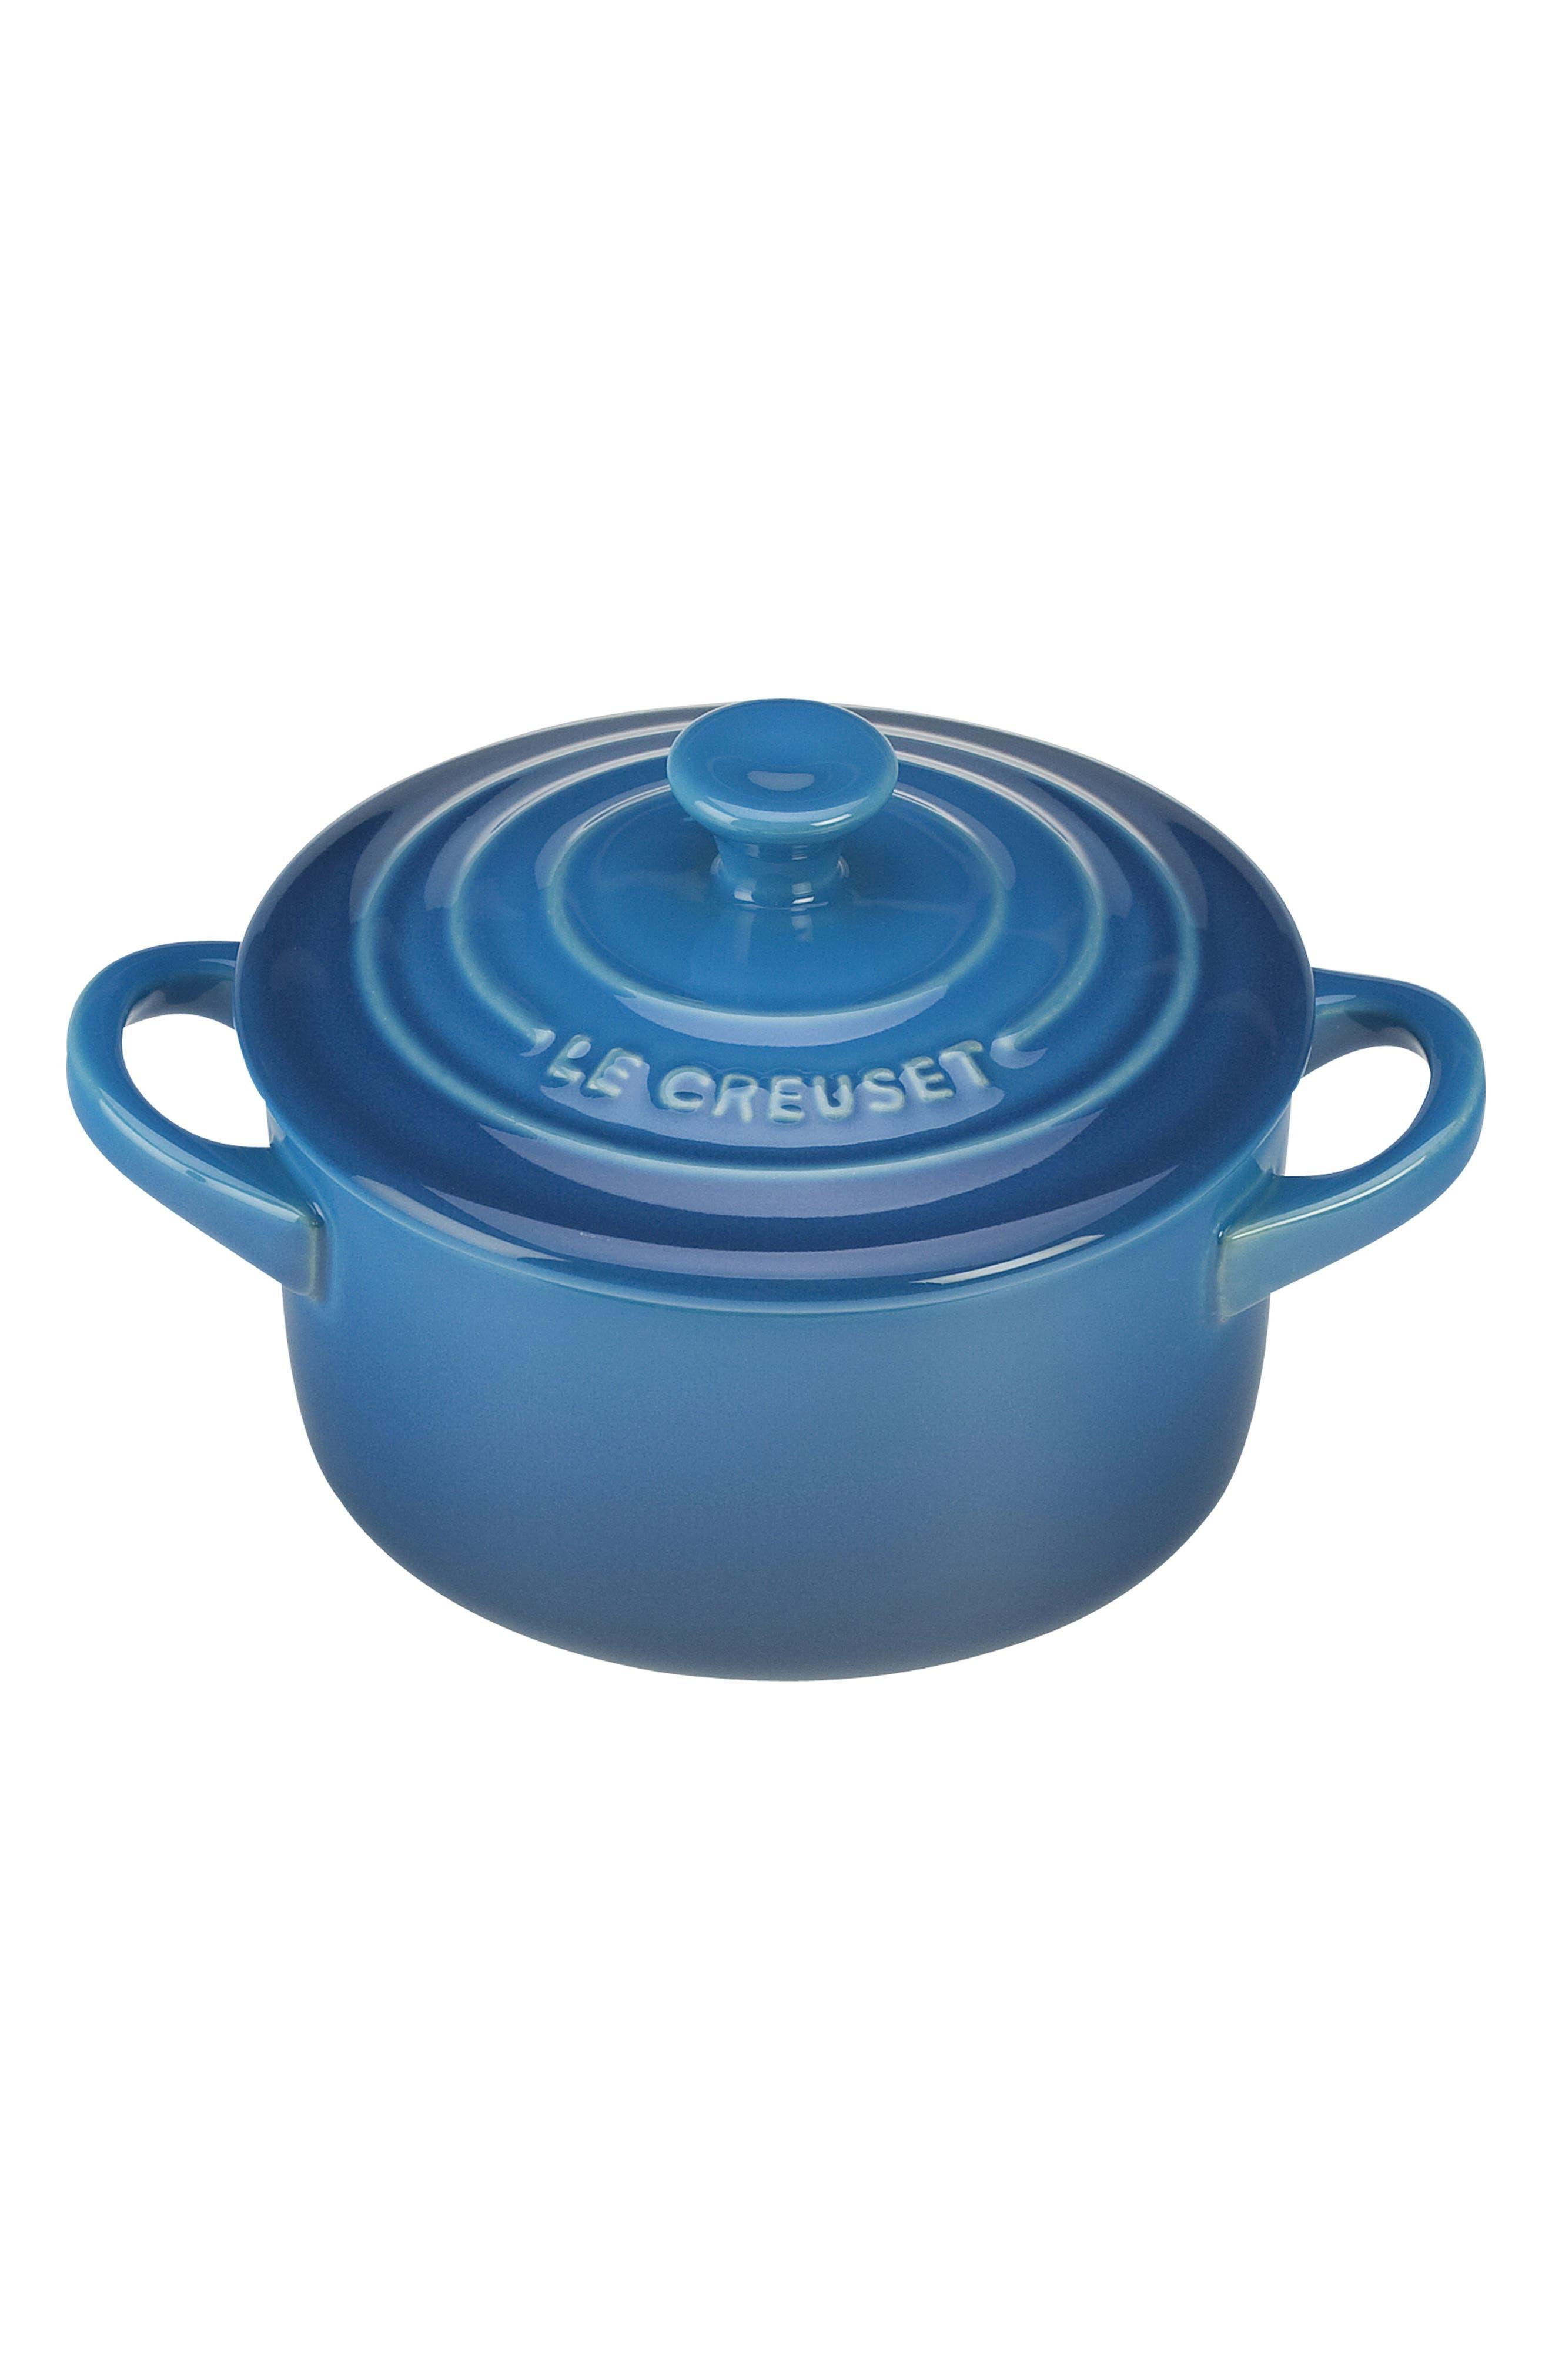 Cookware, Bakeware, Pots & Pans   Nordstrom